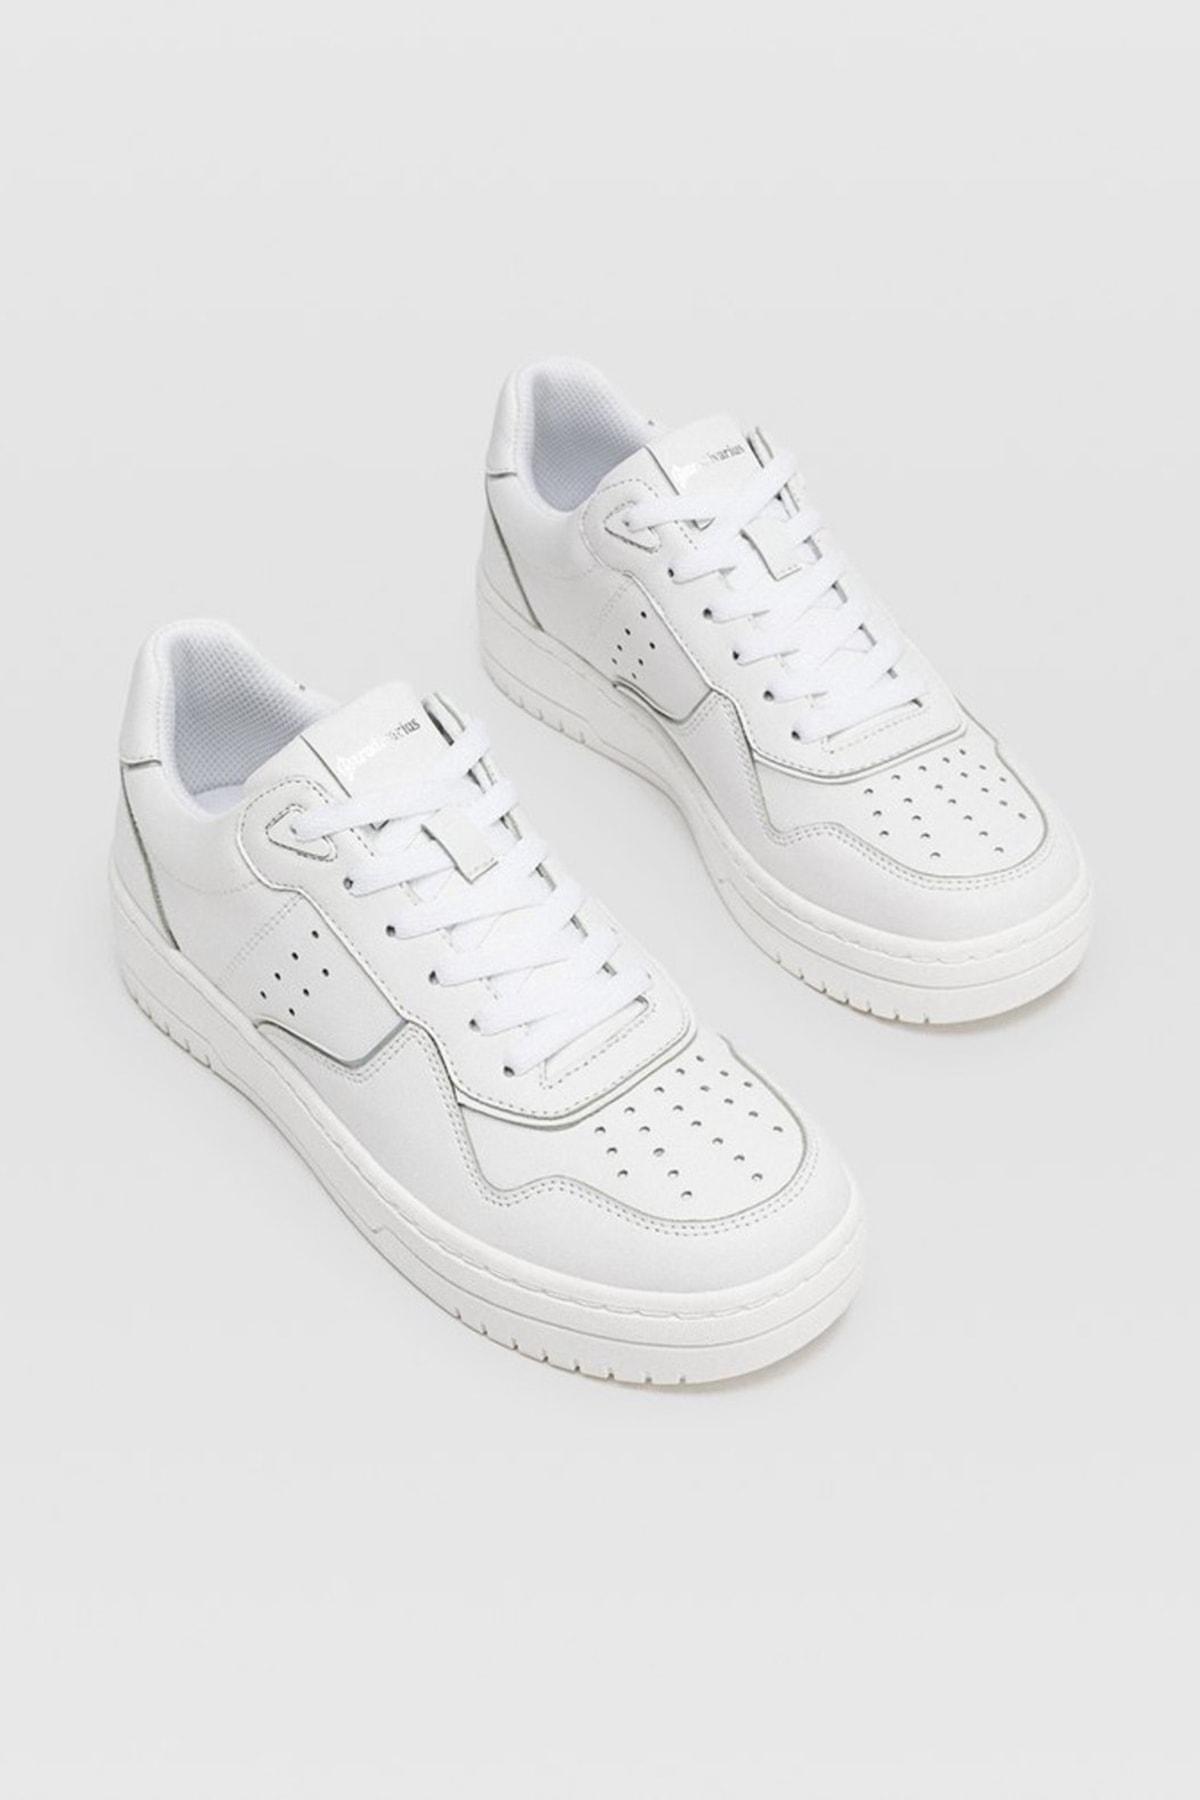 Stradivarius Kadın Beyaz Şeritli Spor Ayakkabı 19002570 1